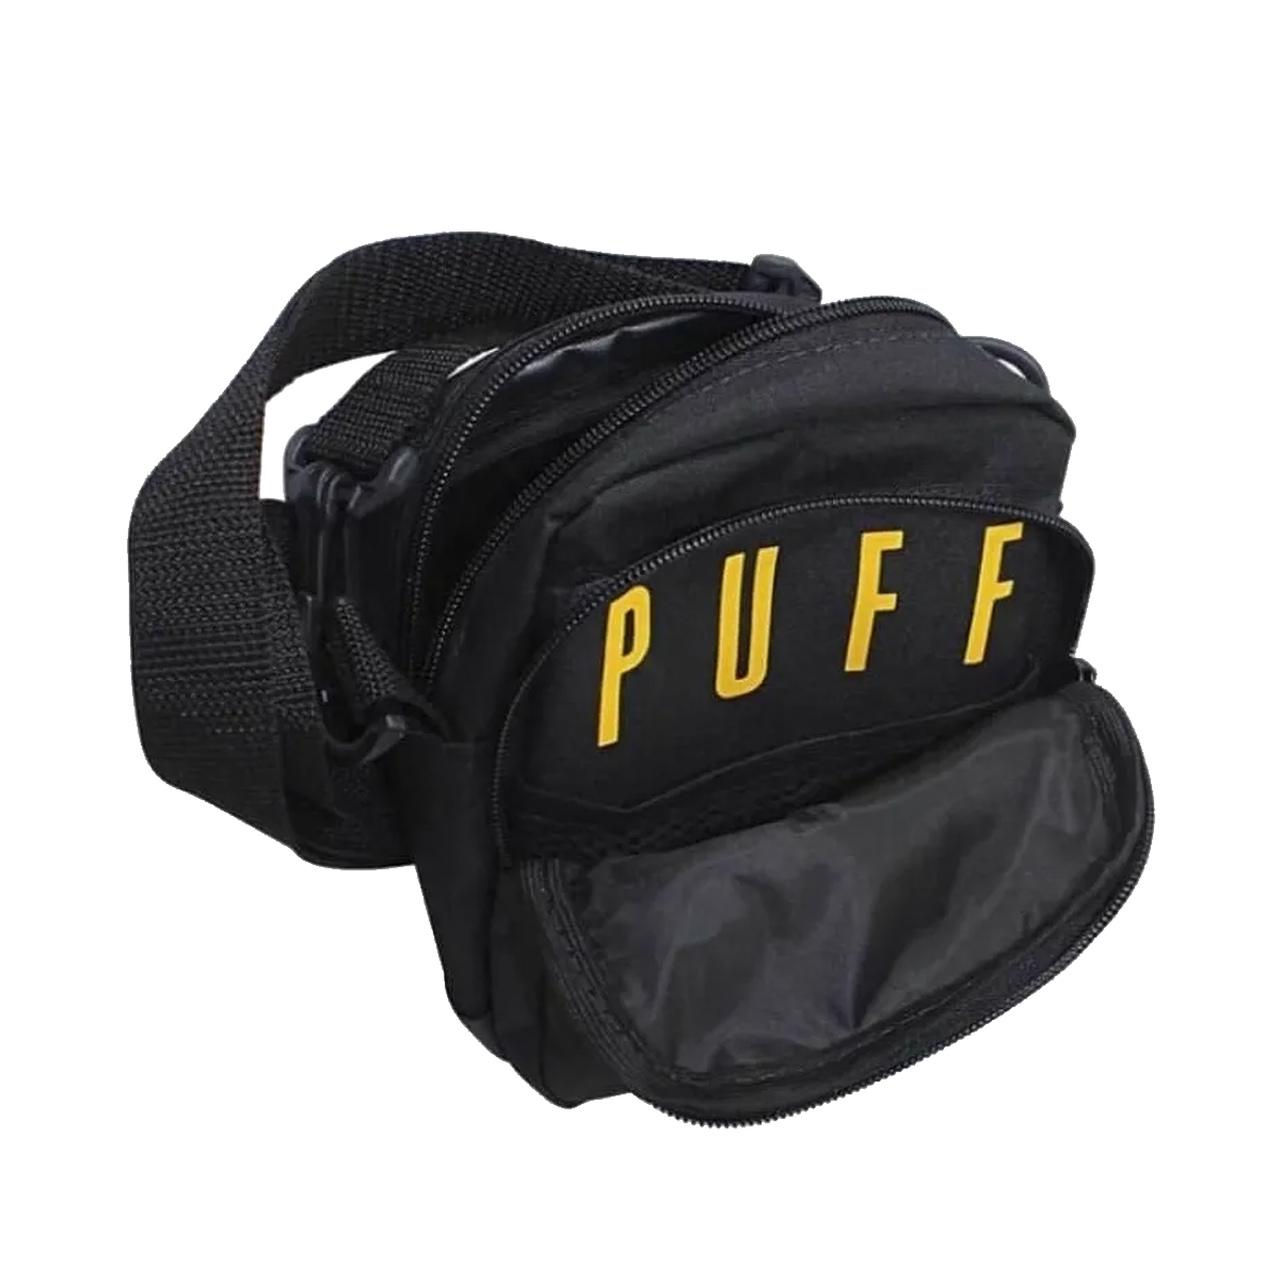 Shoulder Bag Puff Life 16x12x5